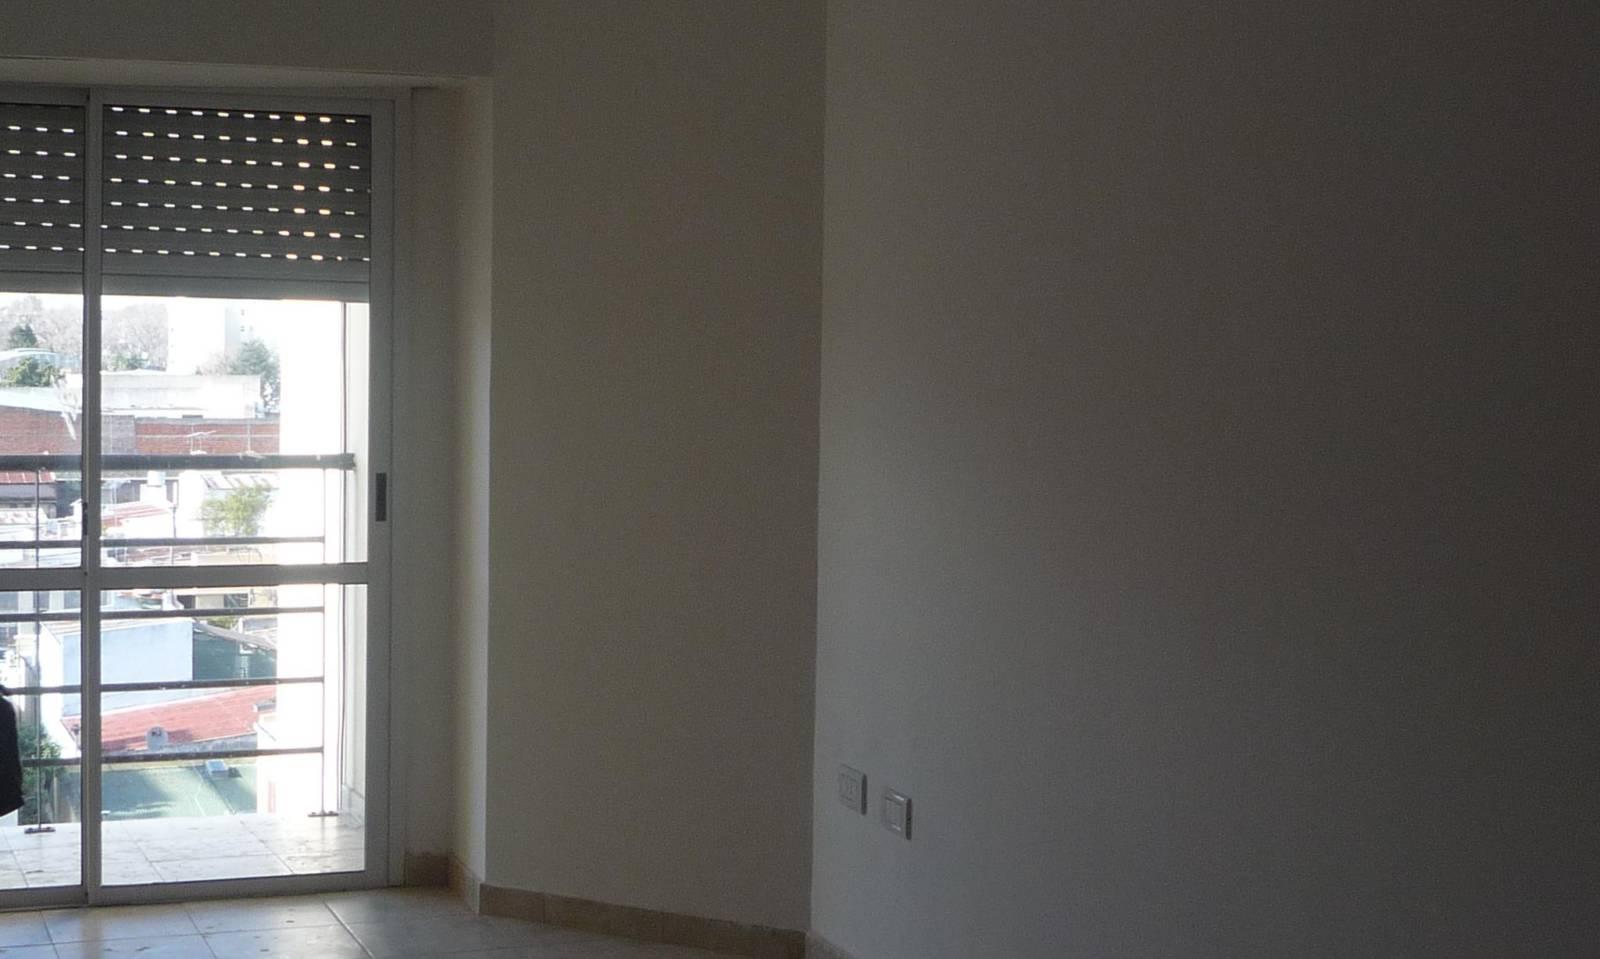 Departamento monoambiente en venta – Calle 61 e/25 y 26 | Larrosa